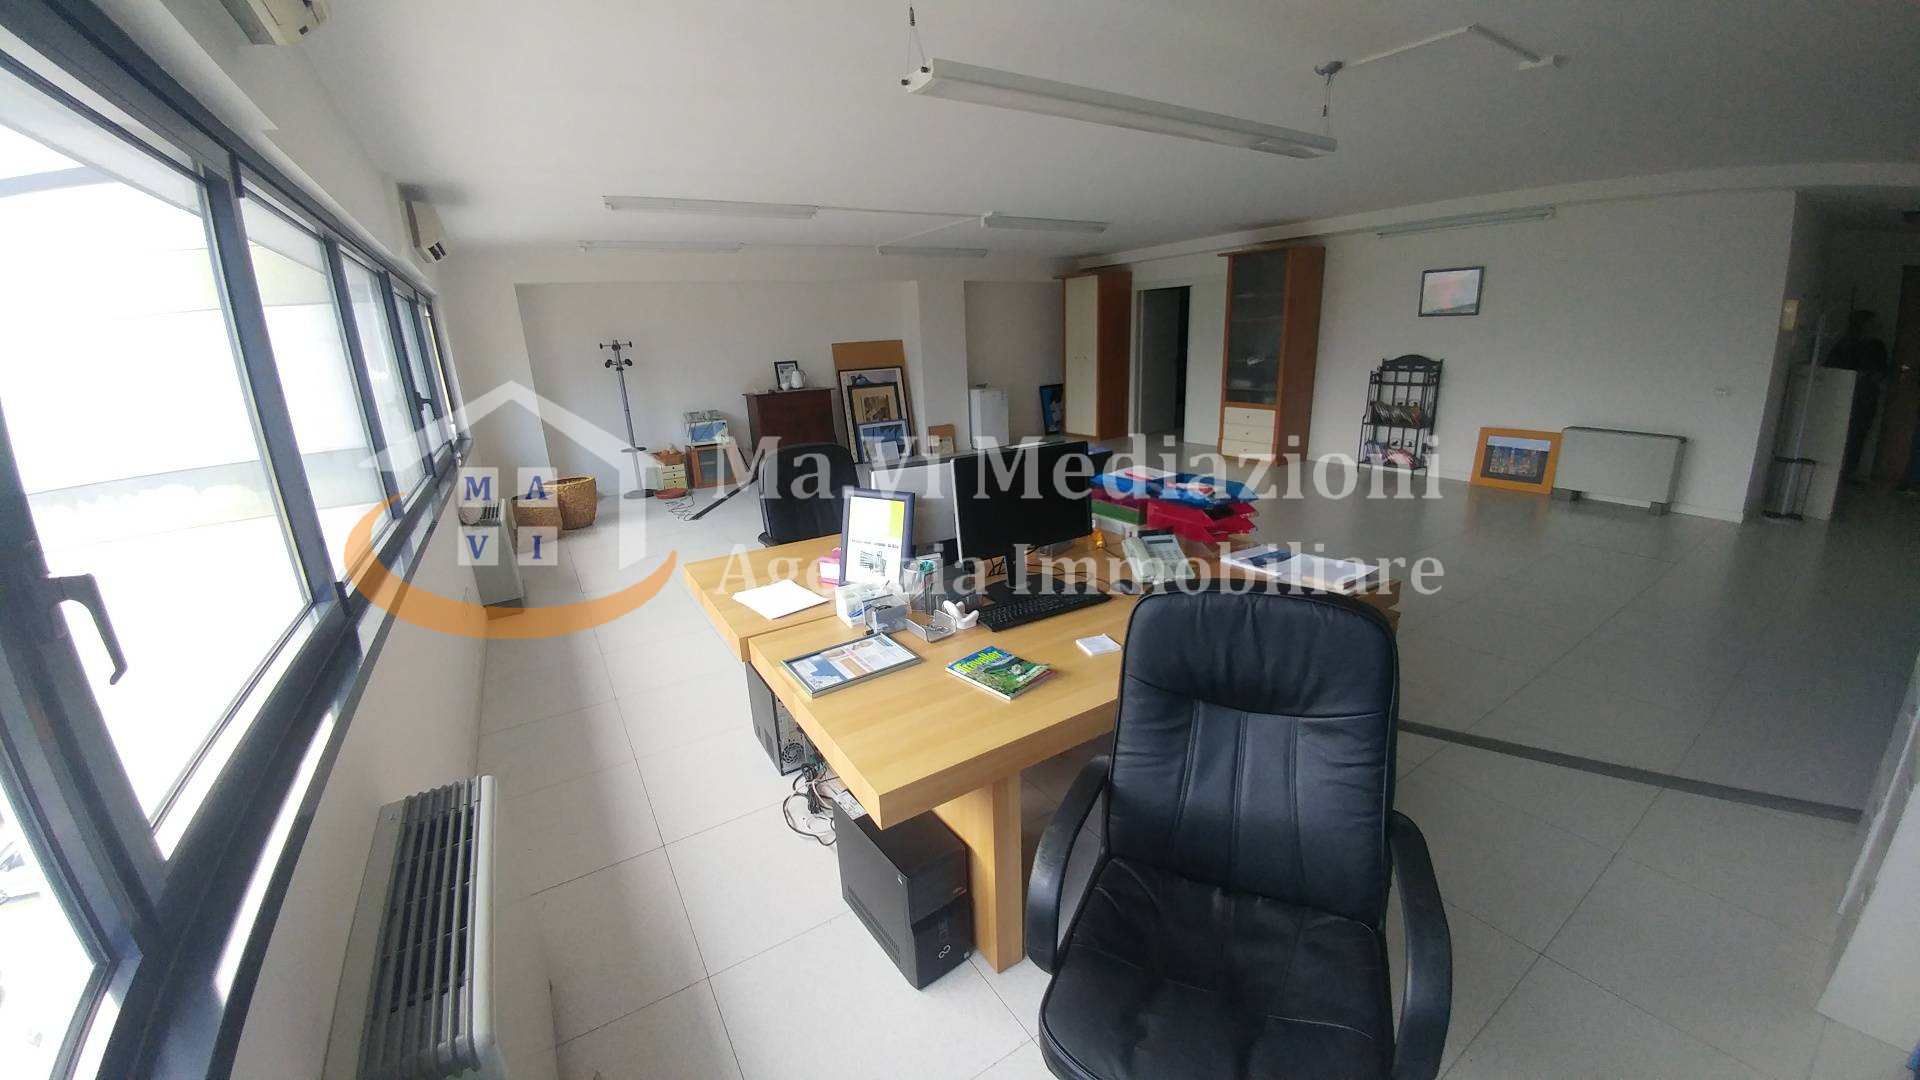 Ufficio / Studio in vendita a Arco, 9999 locali, prezzo € 110.000   CambioCasa.it